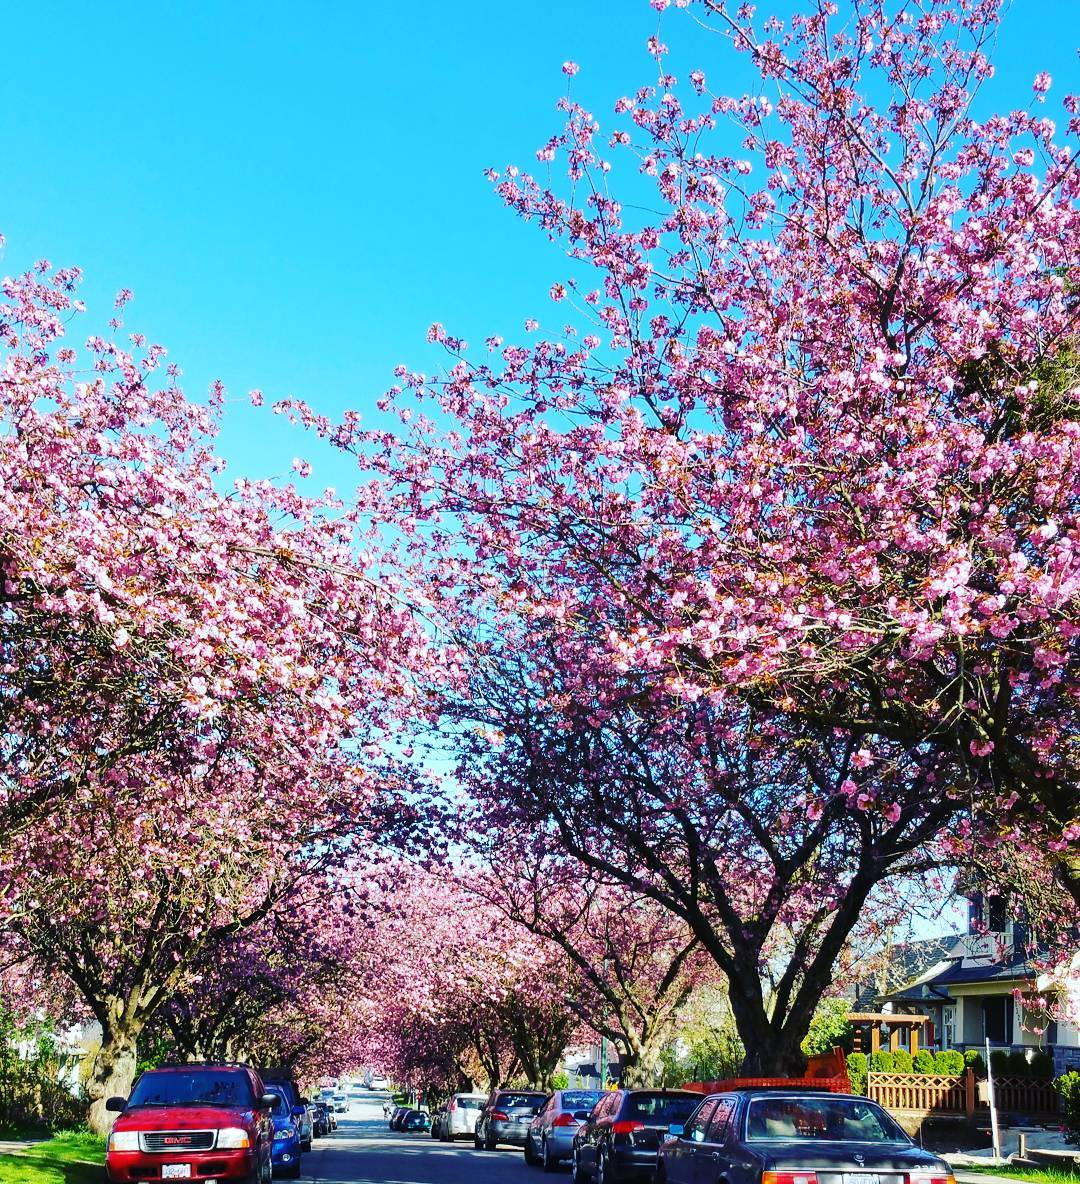 vancouver Canada spring